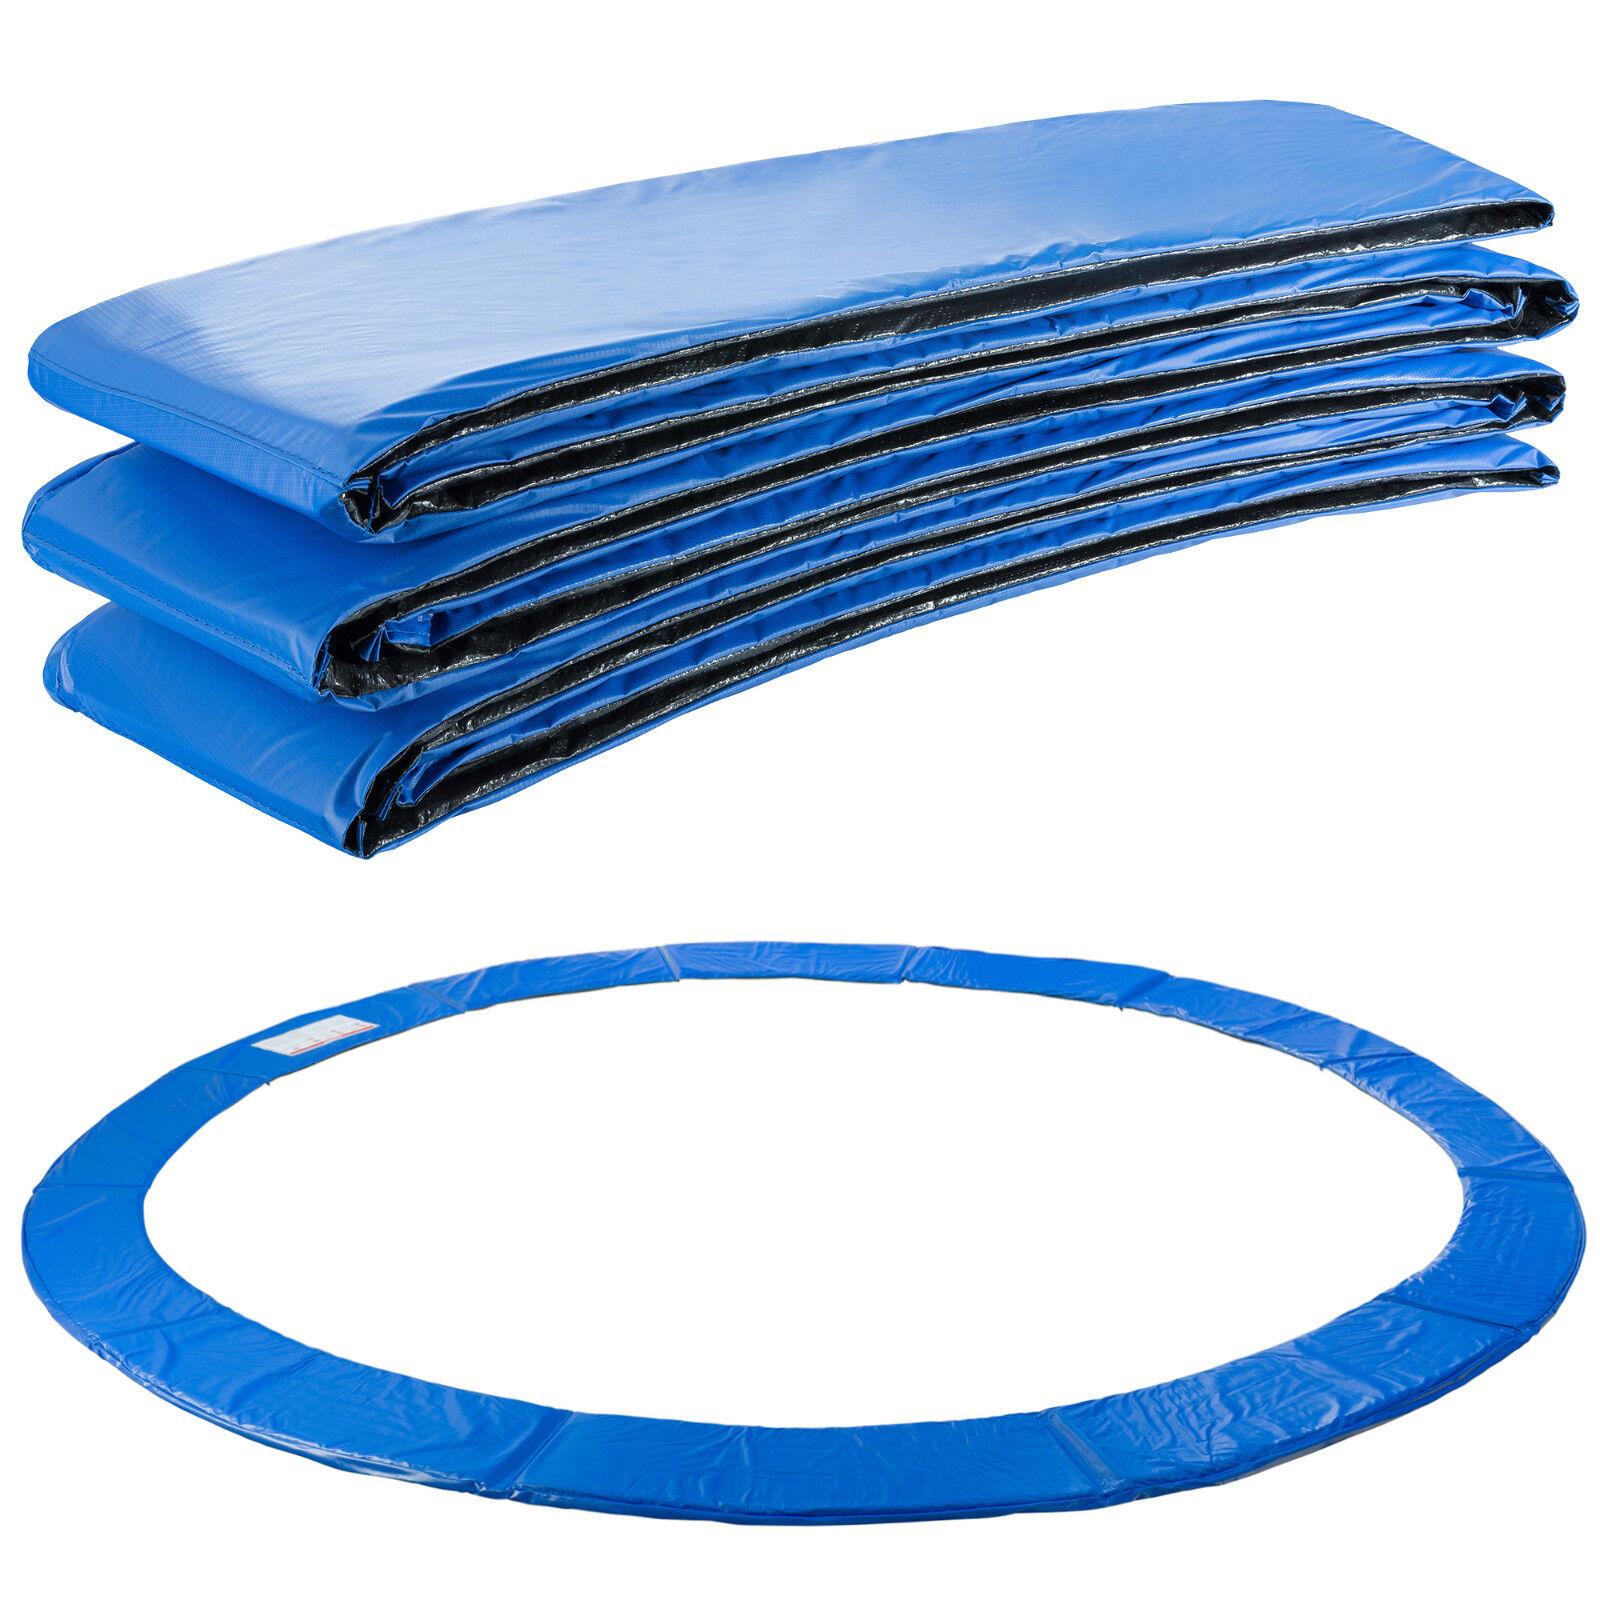 Arebos Almohadillas de seguridad Cojín Trampolín 457cm azul